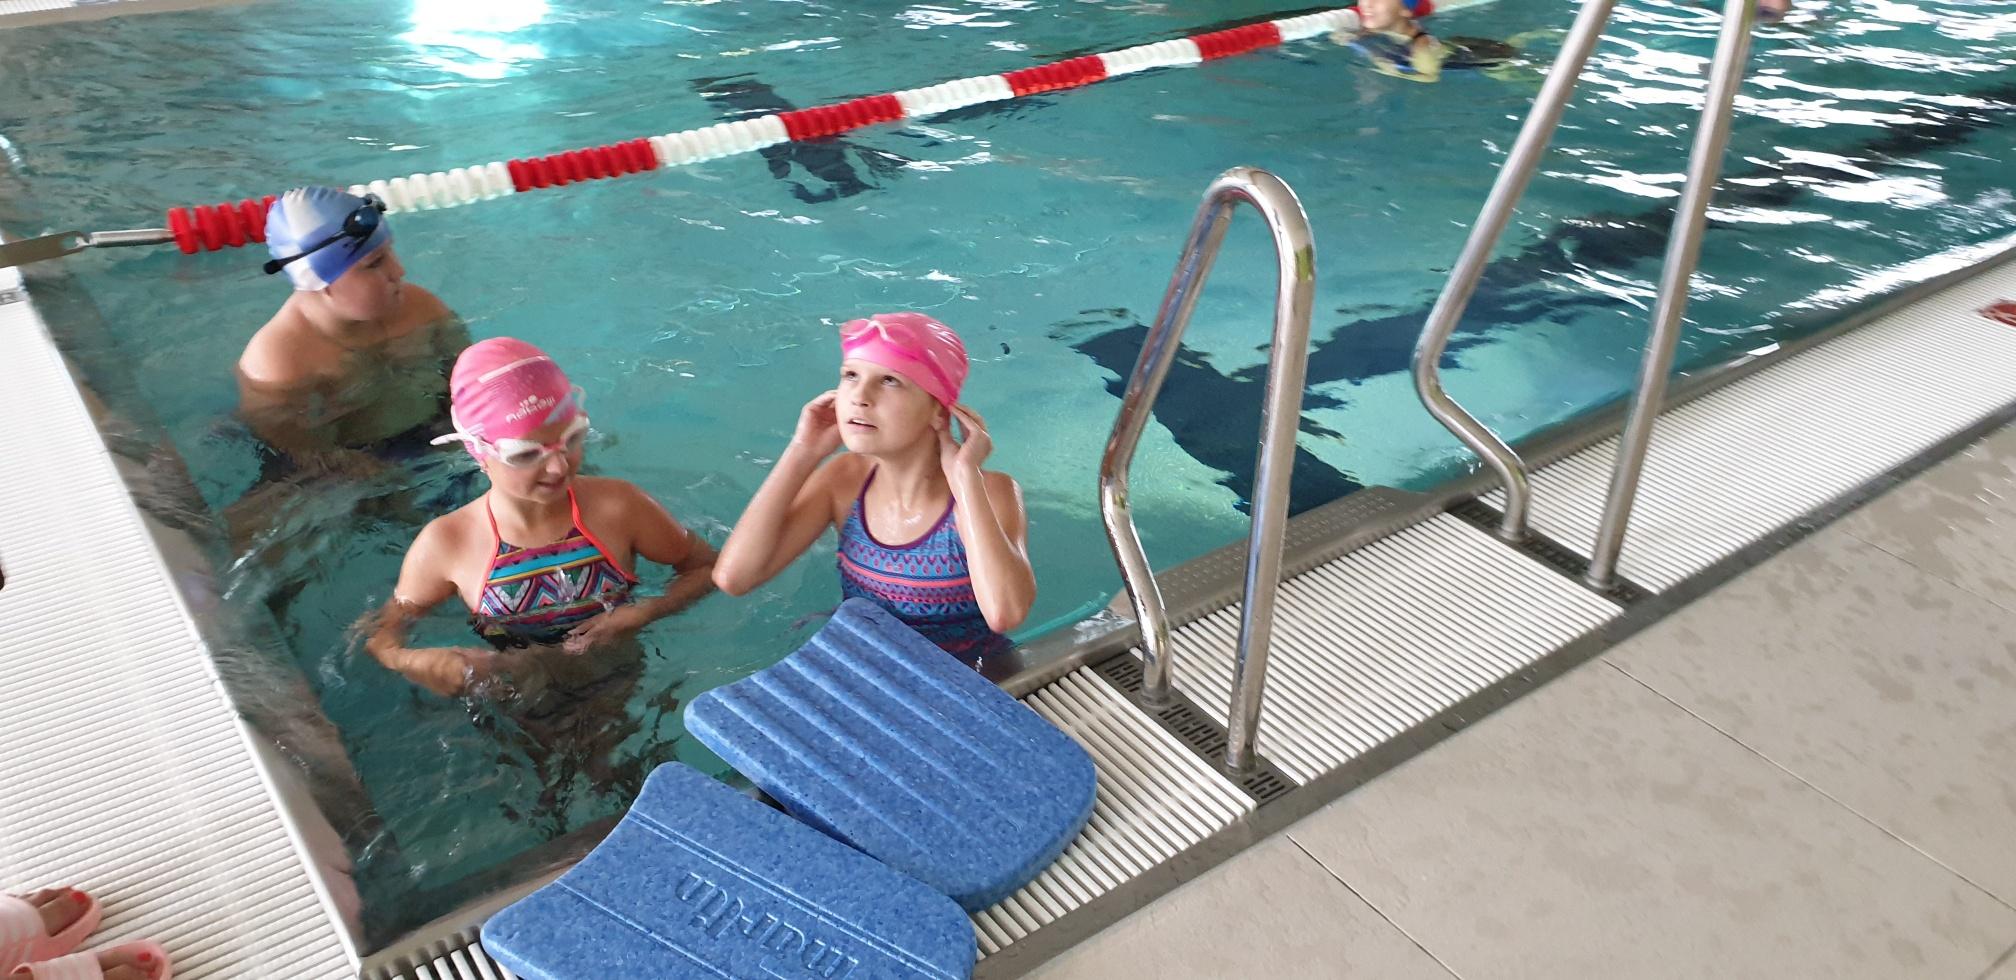 Bezpłatne zajęcia na basenie w Andrychowie. Jako pierwsi uczniowie z Rzyk [FOTO]